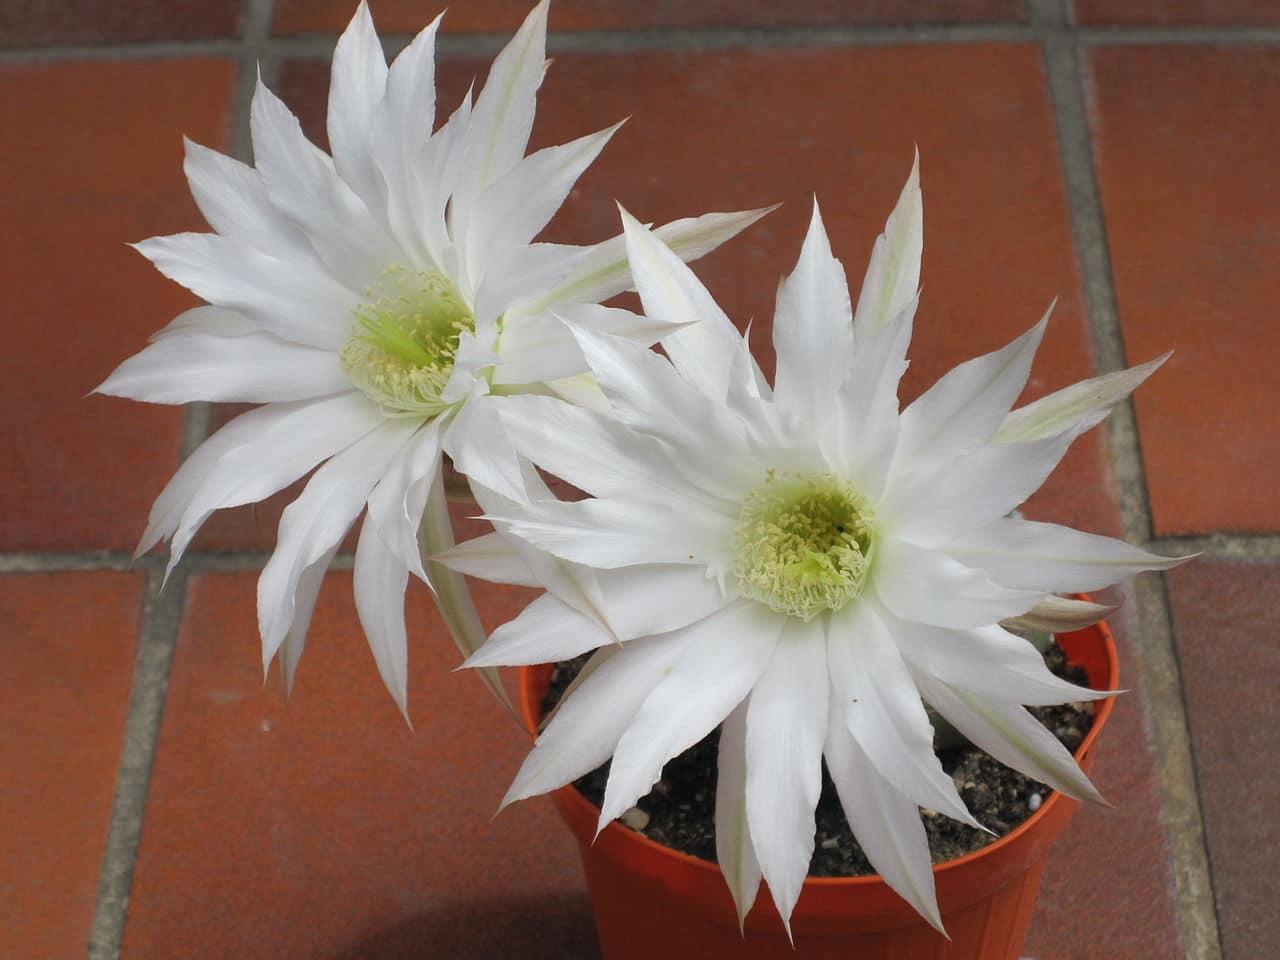 El Echinopsis subdenudata es un cactus que produce flores blancas